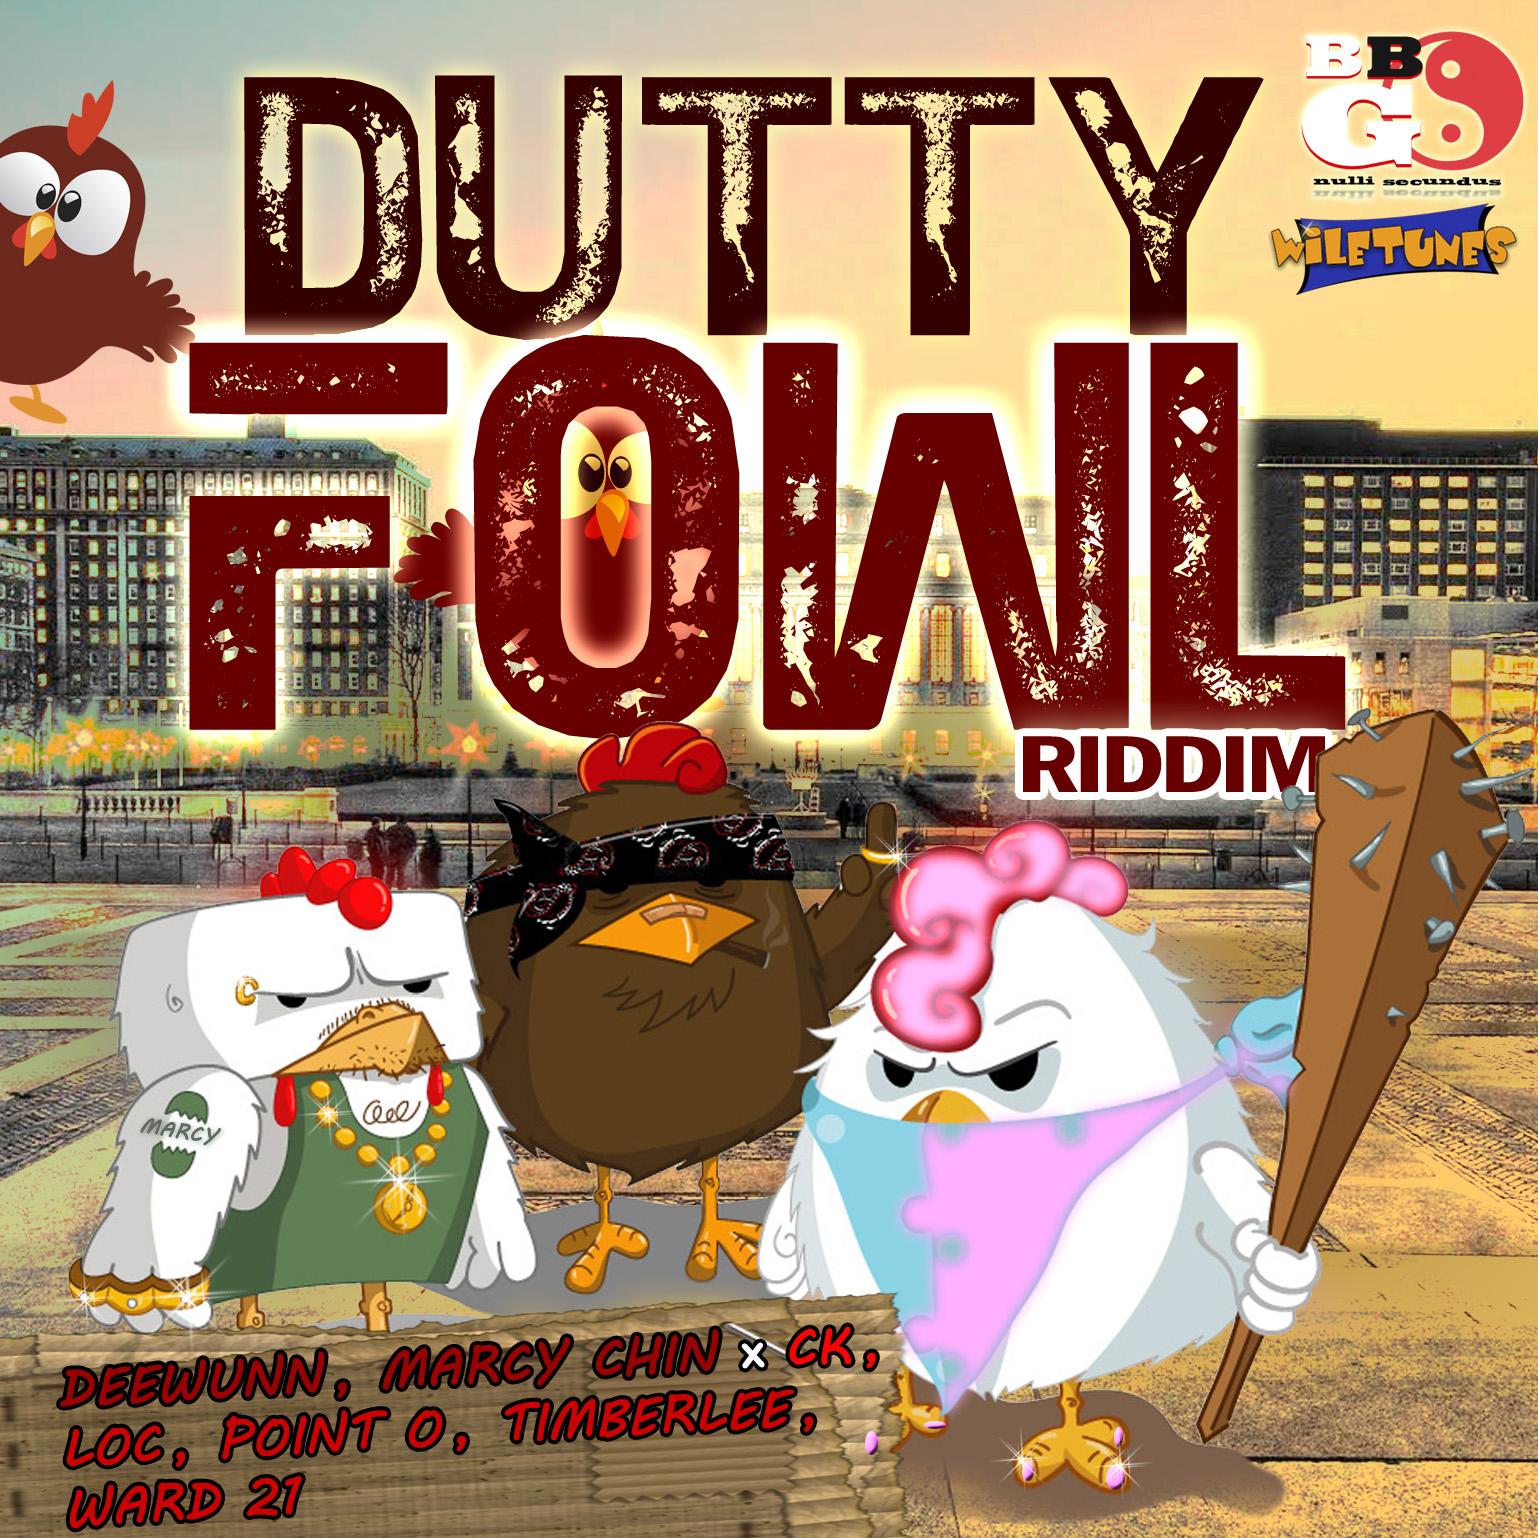 DUTTY FOWL RIDDIM – WILETUNES